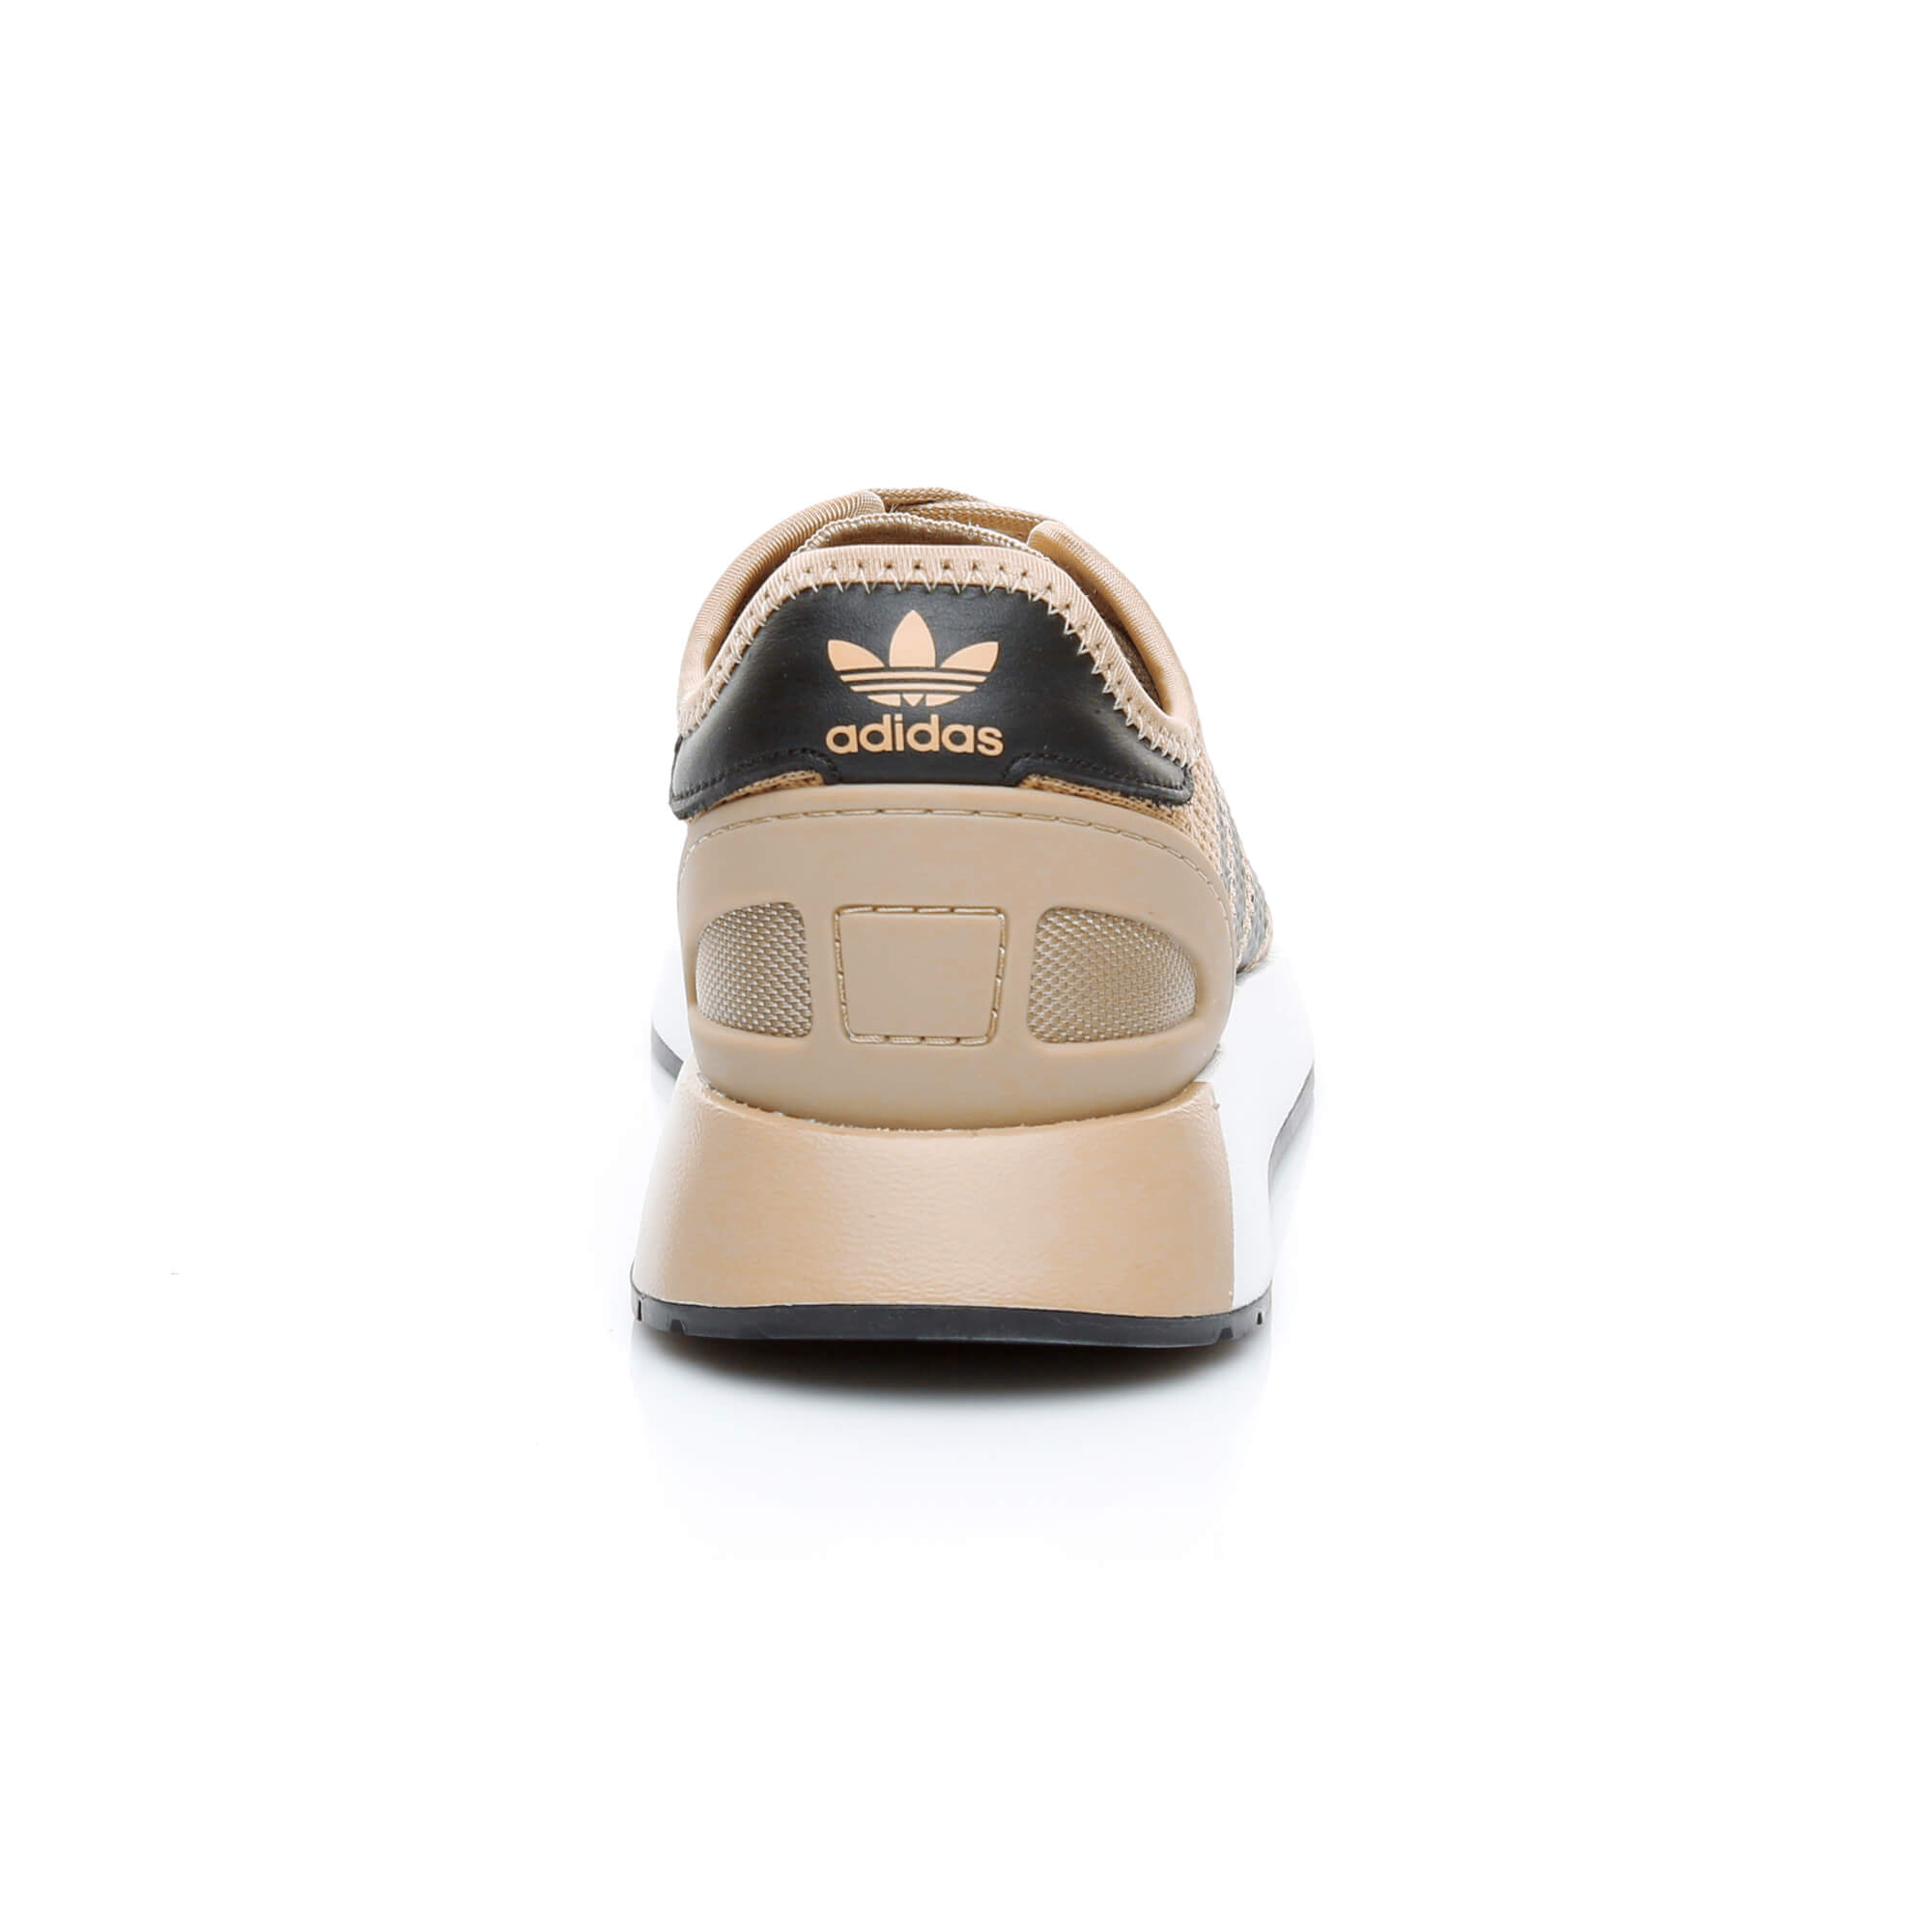 adidas N-5923 Kadın Kahverengi Spor Ayakkabı